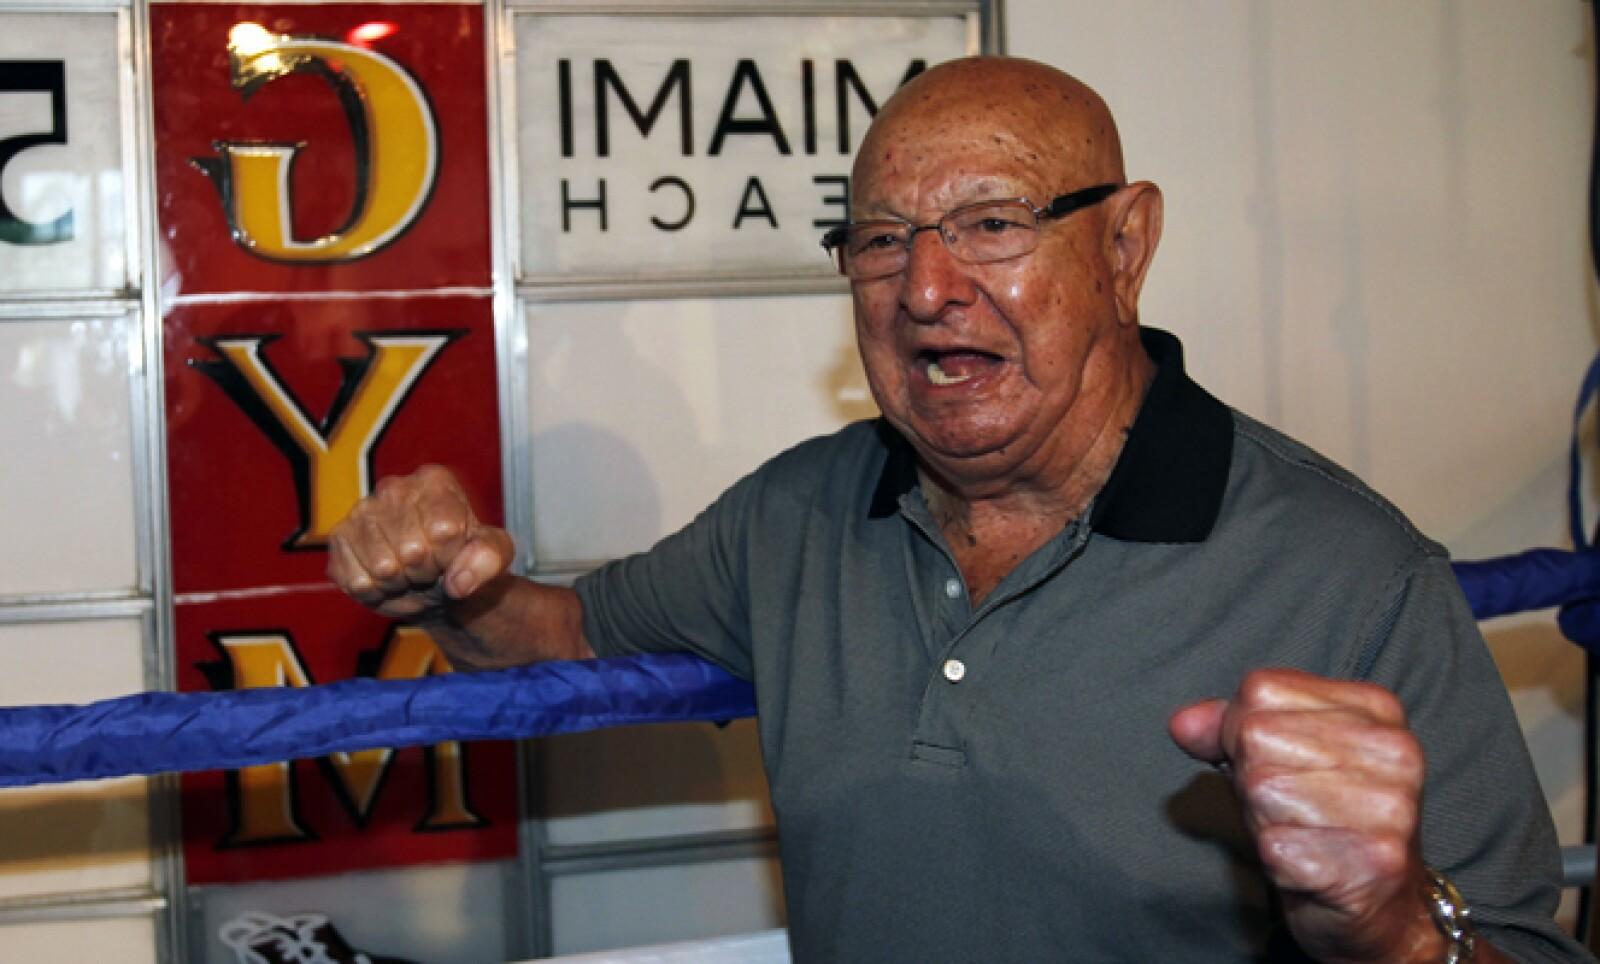 Angelo Dundee falleció a los 90 años de edad el 1 de febrero. Fue entrenador de Mohamad Alí y Sugar Ray Leonard.